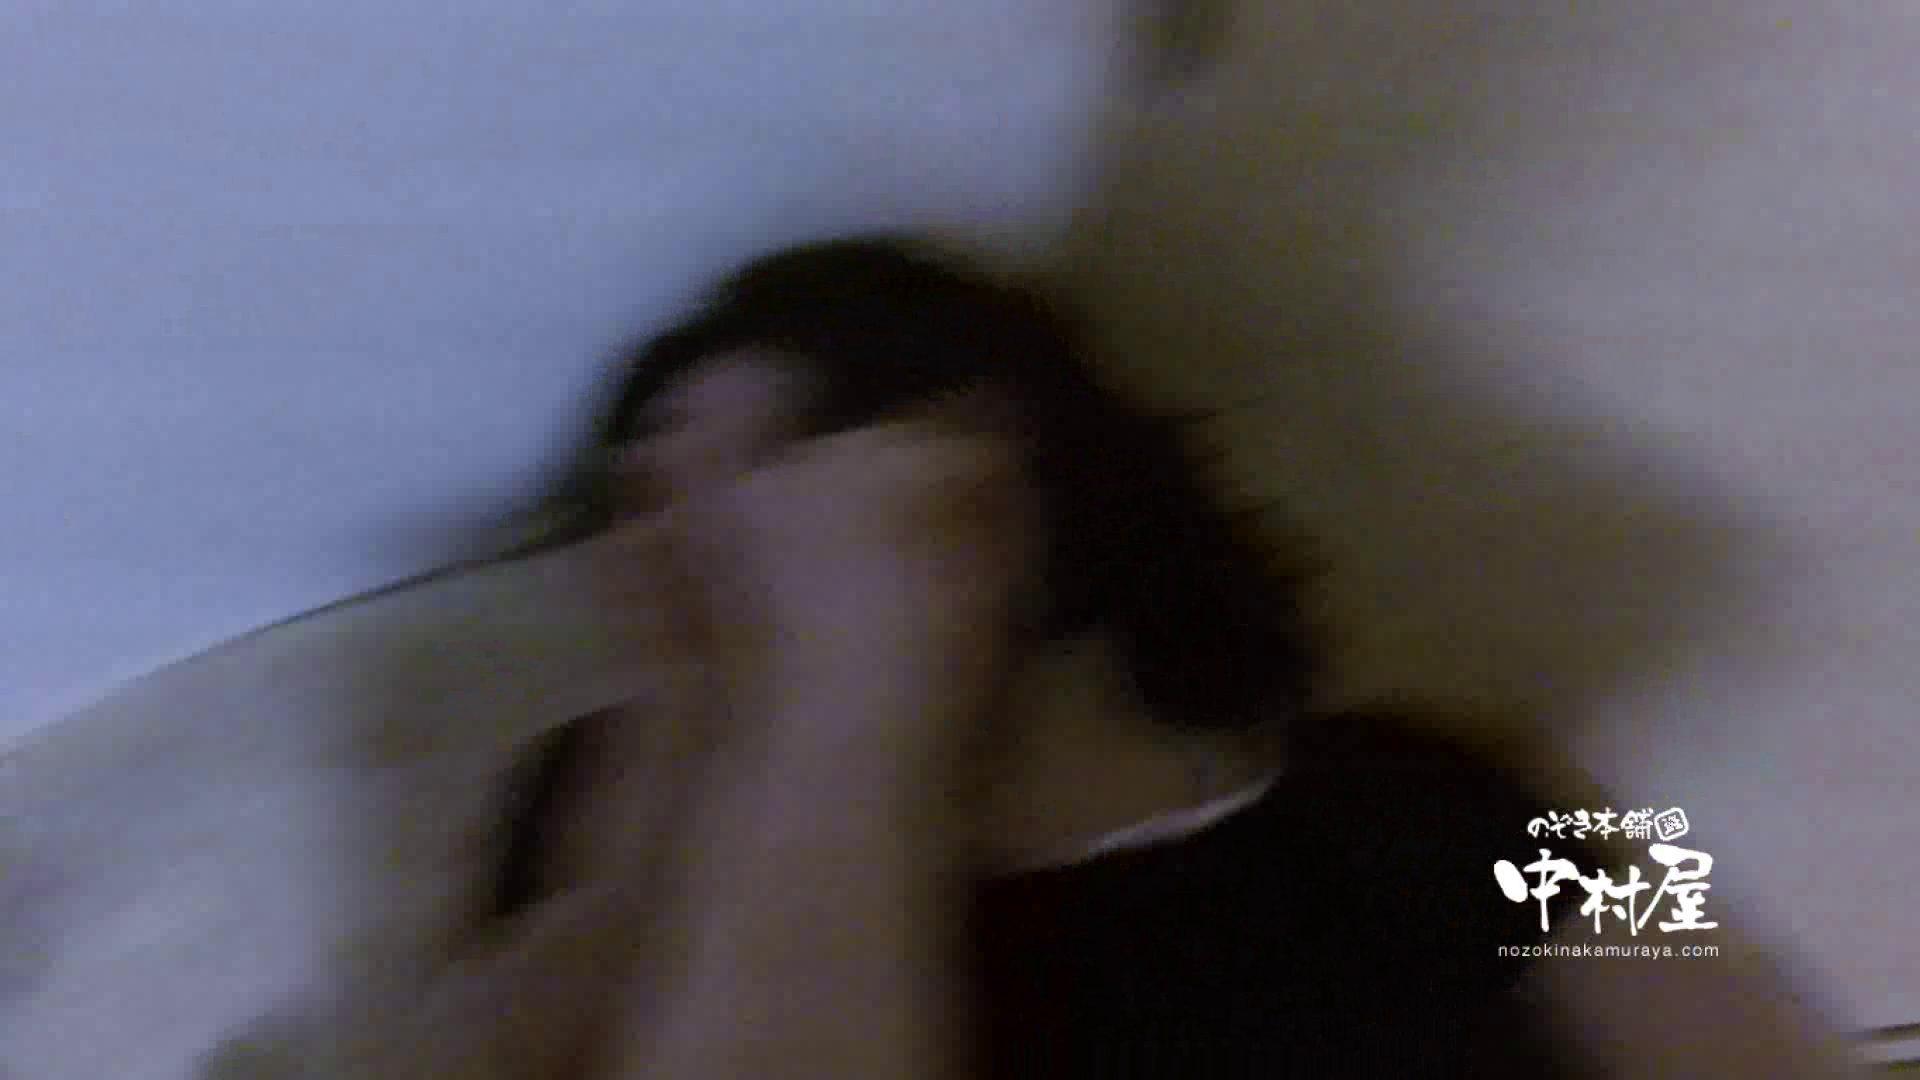 鬼畜 vol.06 中出し処刑! 前編 中出し オメコ無修正動画無料 101pic 101